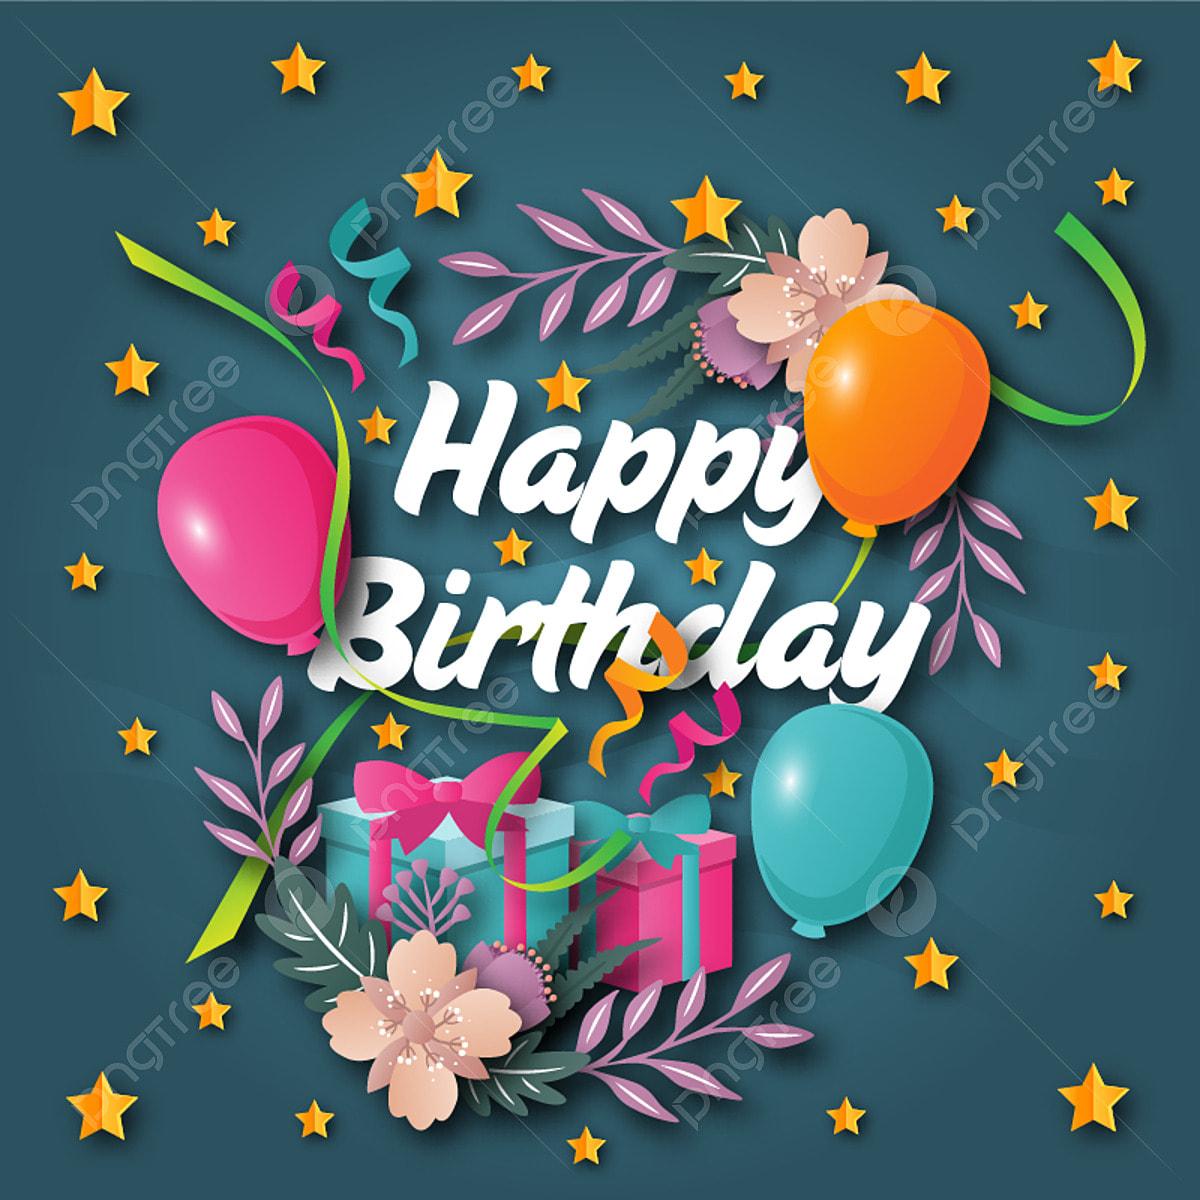 かわいい幸せな誕生日グリーティングカードとバナーのイラスト 誕生日